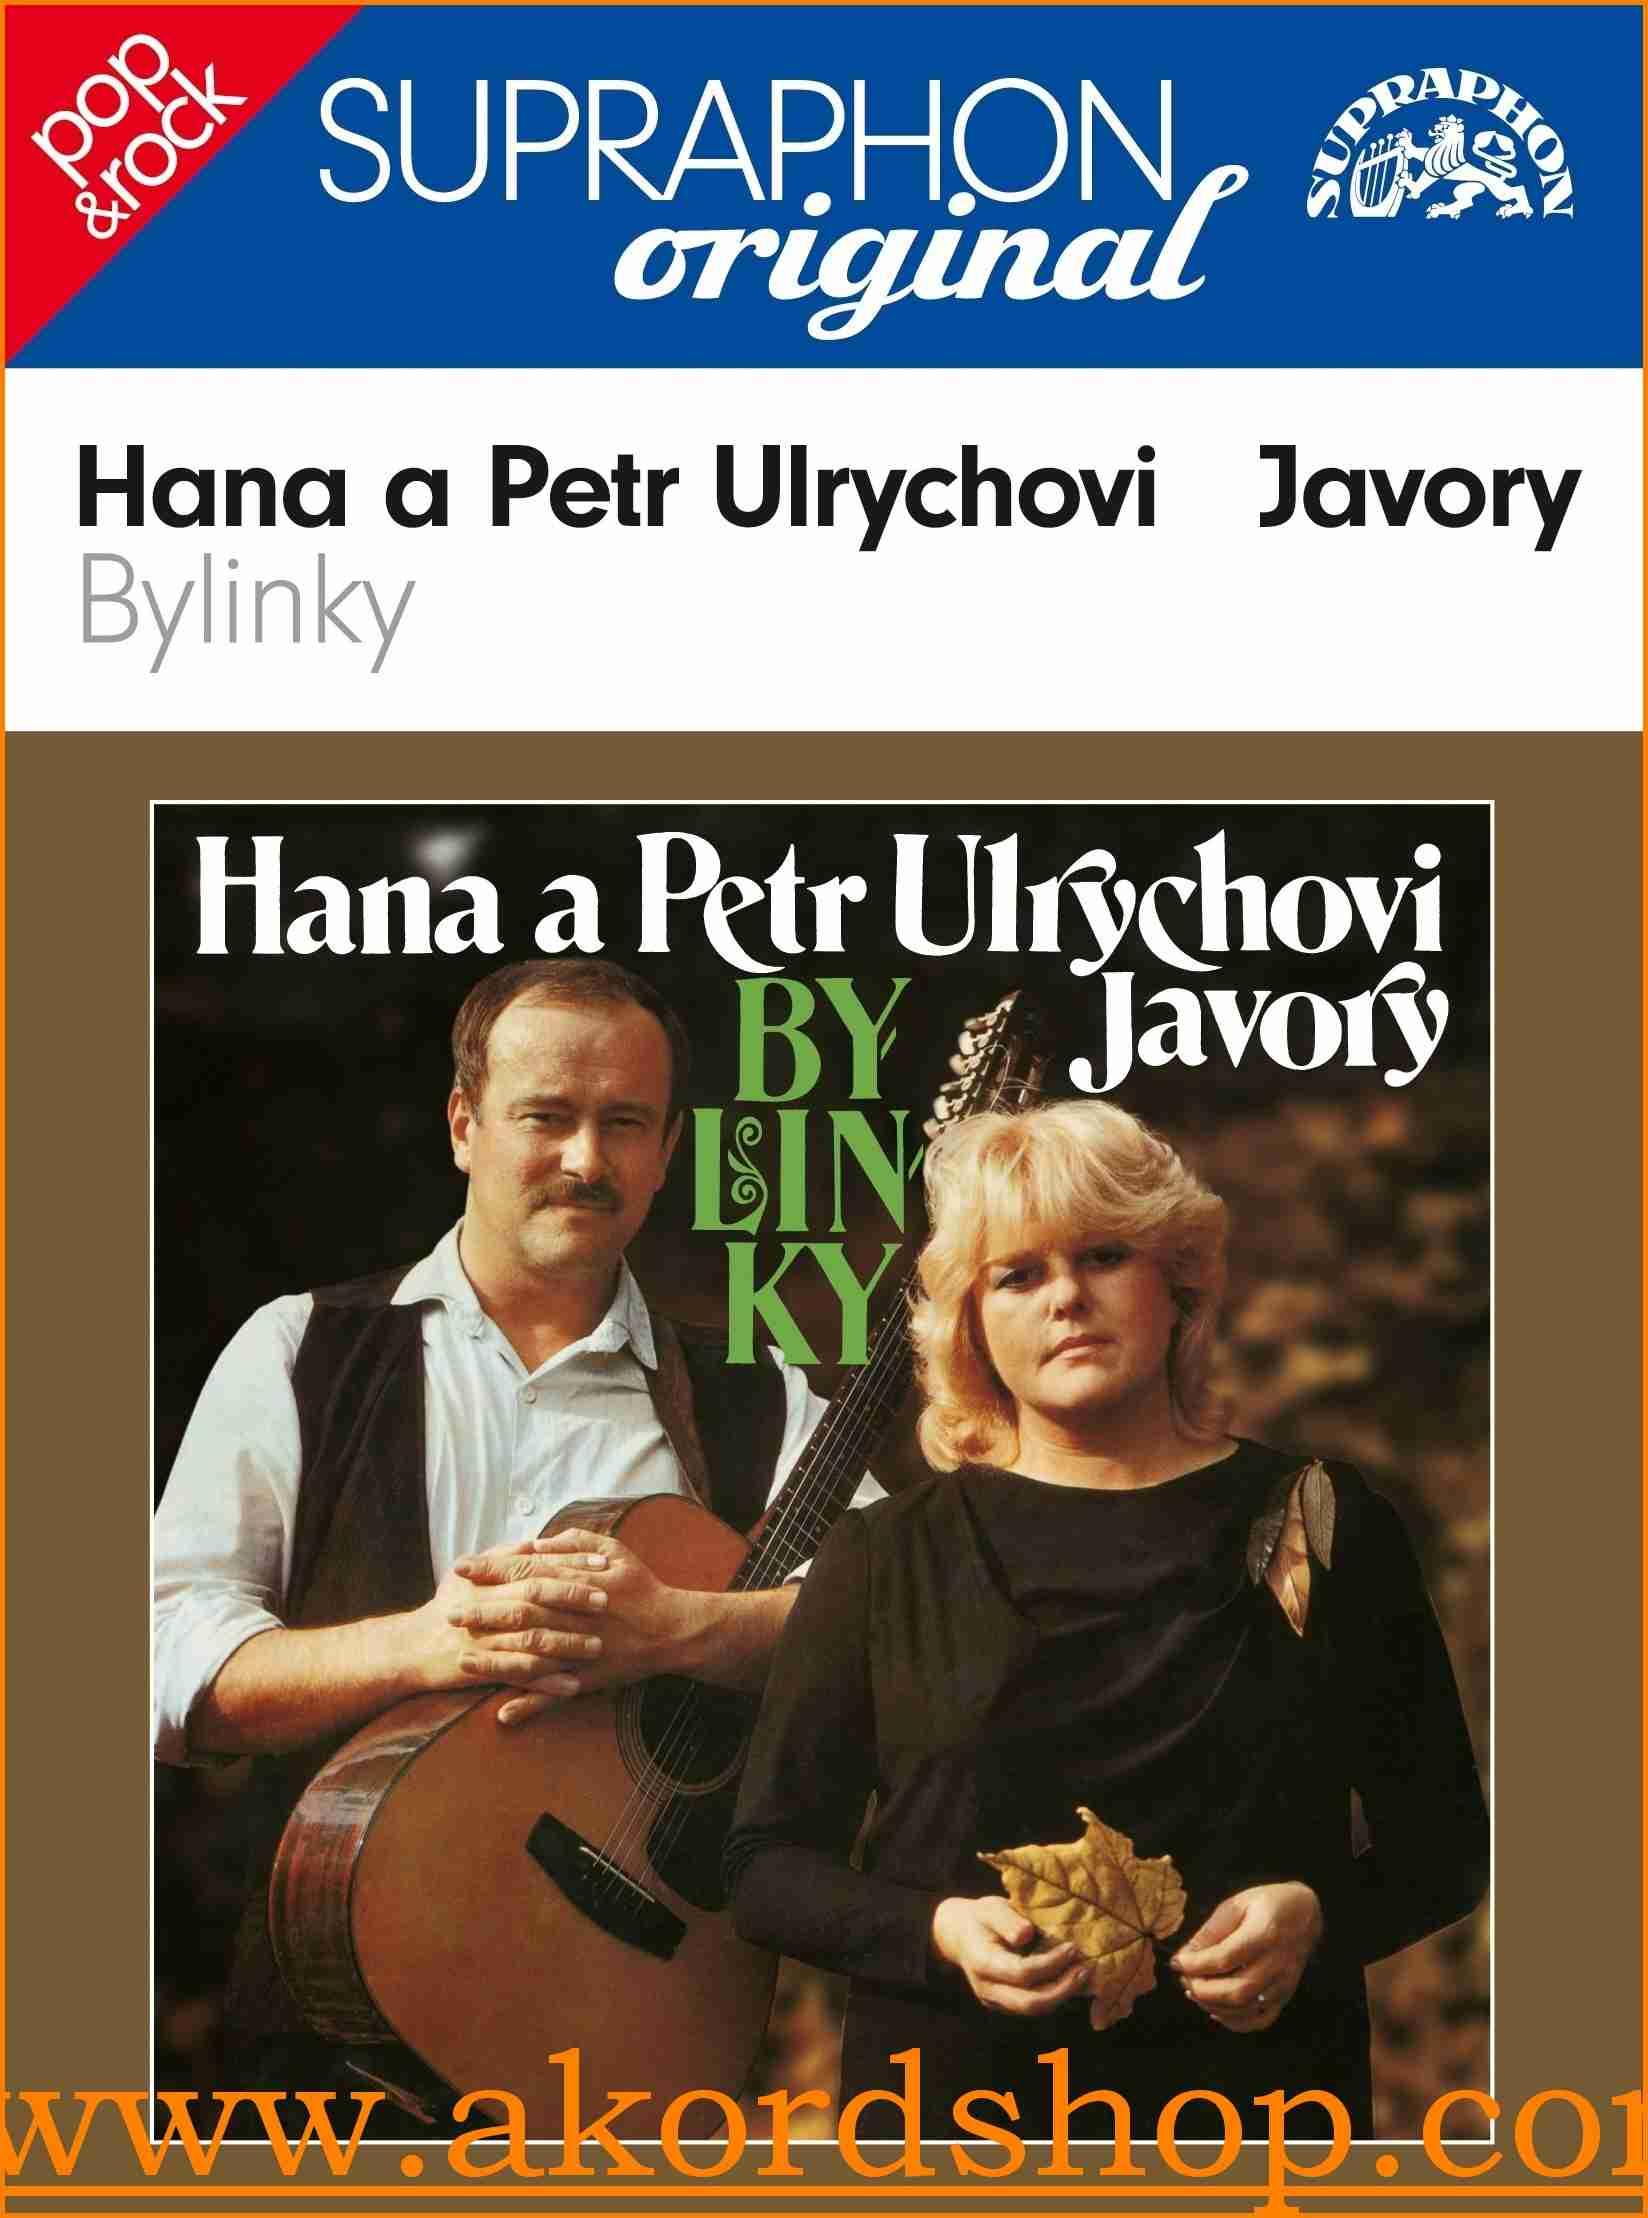 Hana a Petr Ulrychovi/Javory - Bylinky